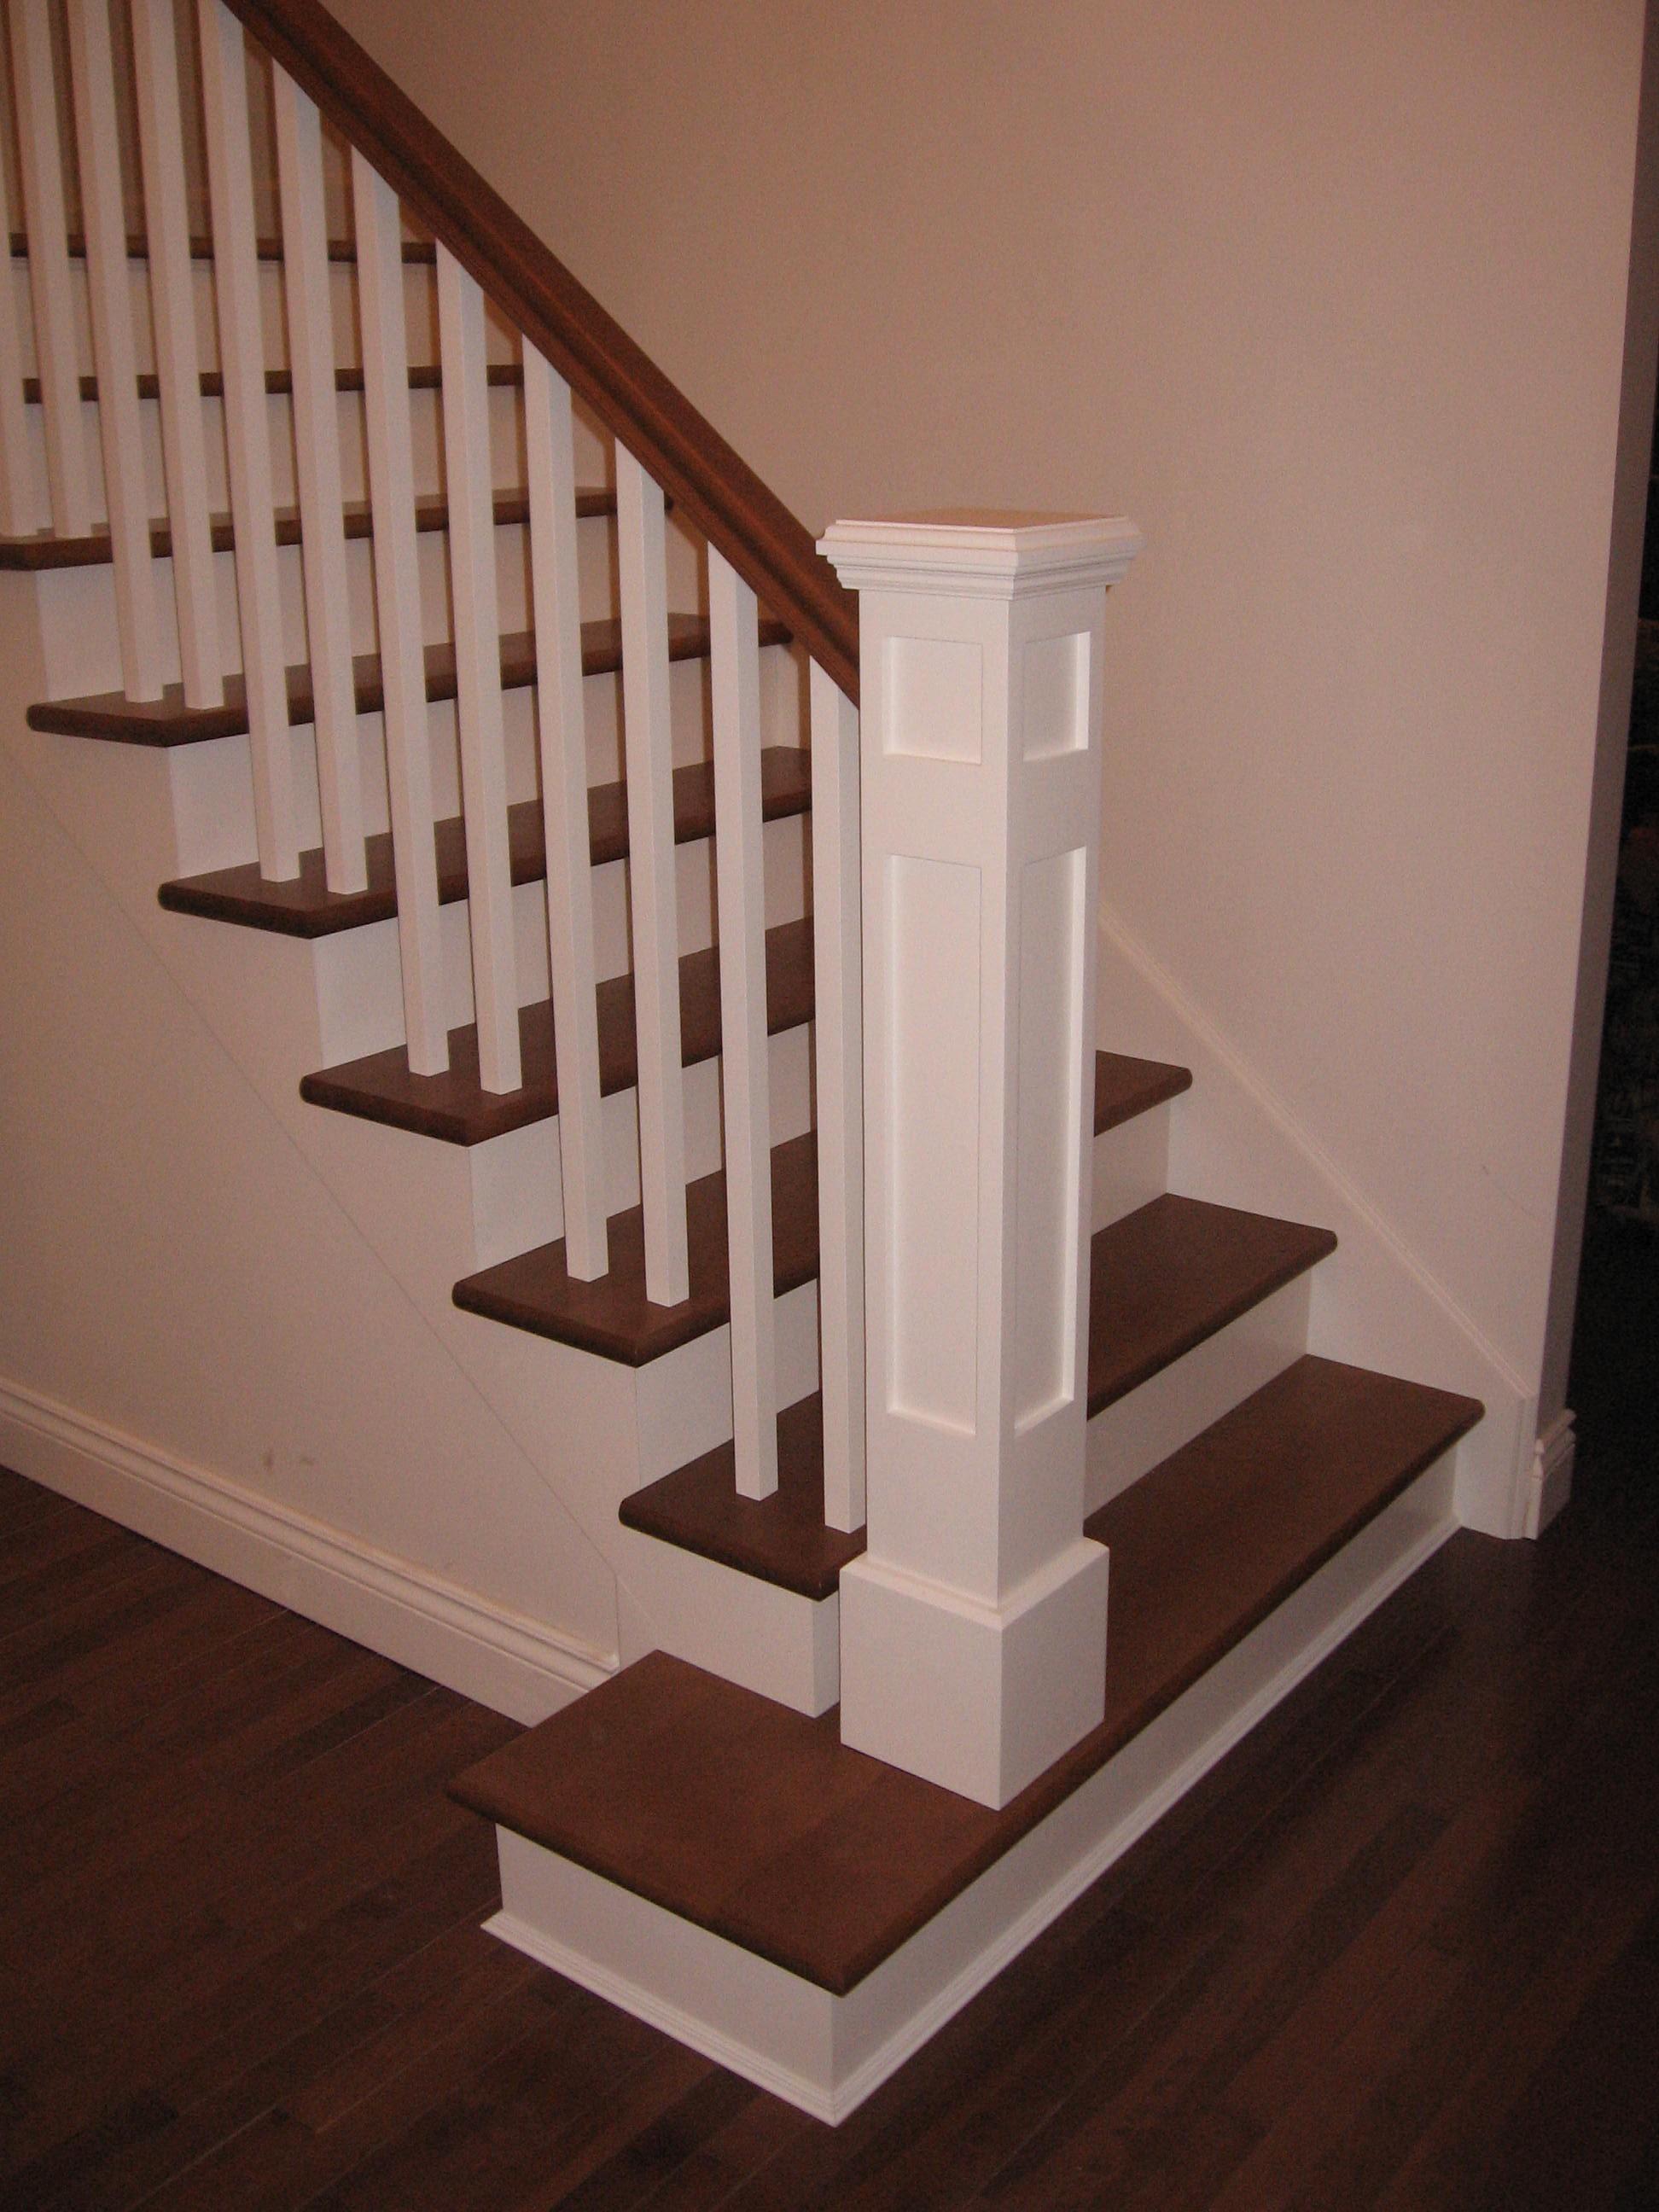 Escaliers en bois menuiserie de l 39 estrie - Creer un escalier en bois ...